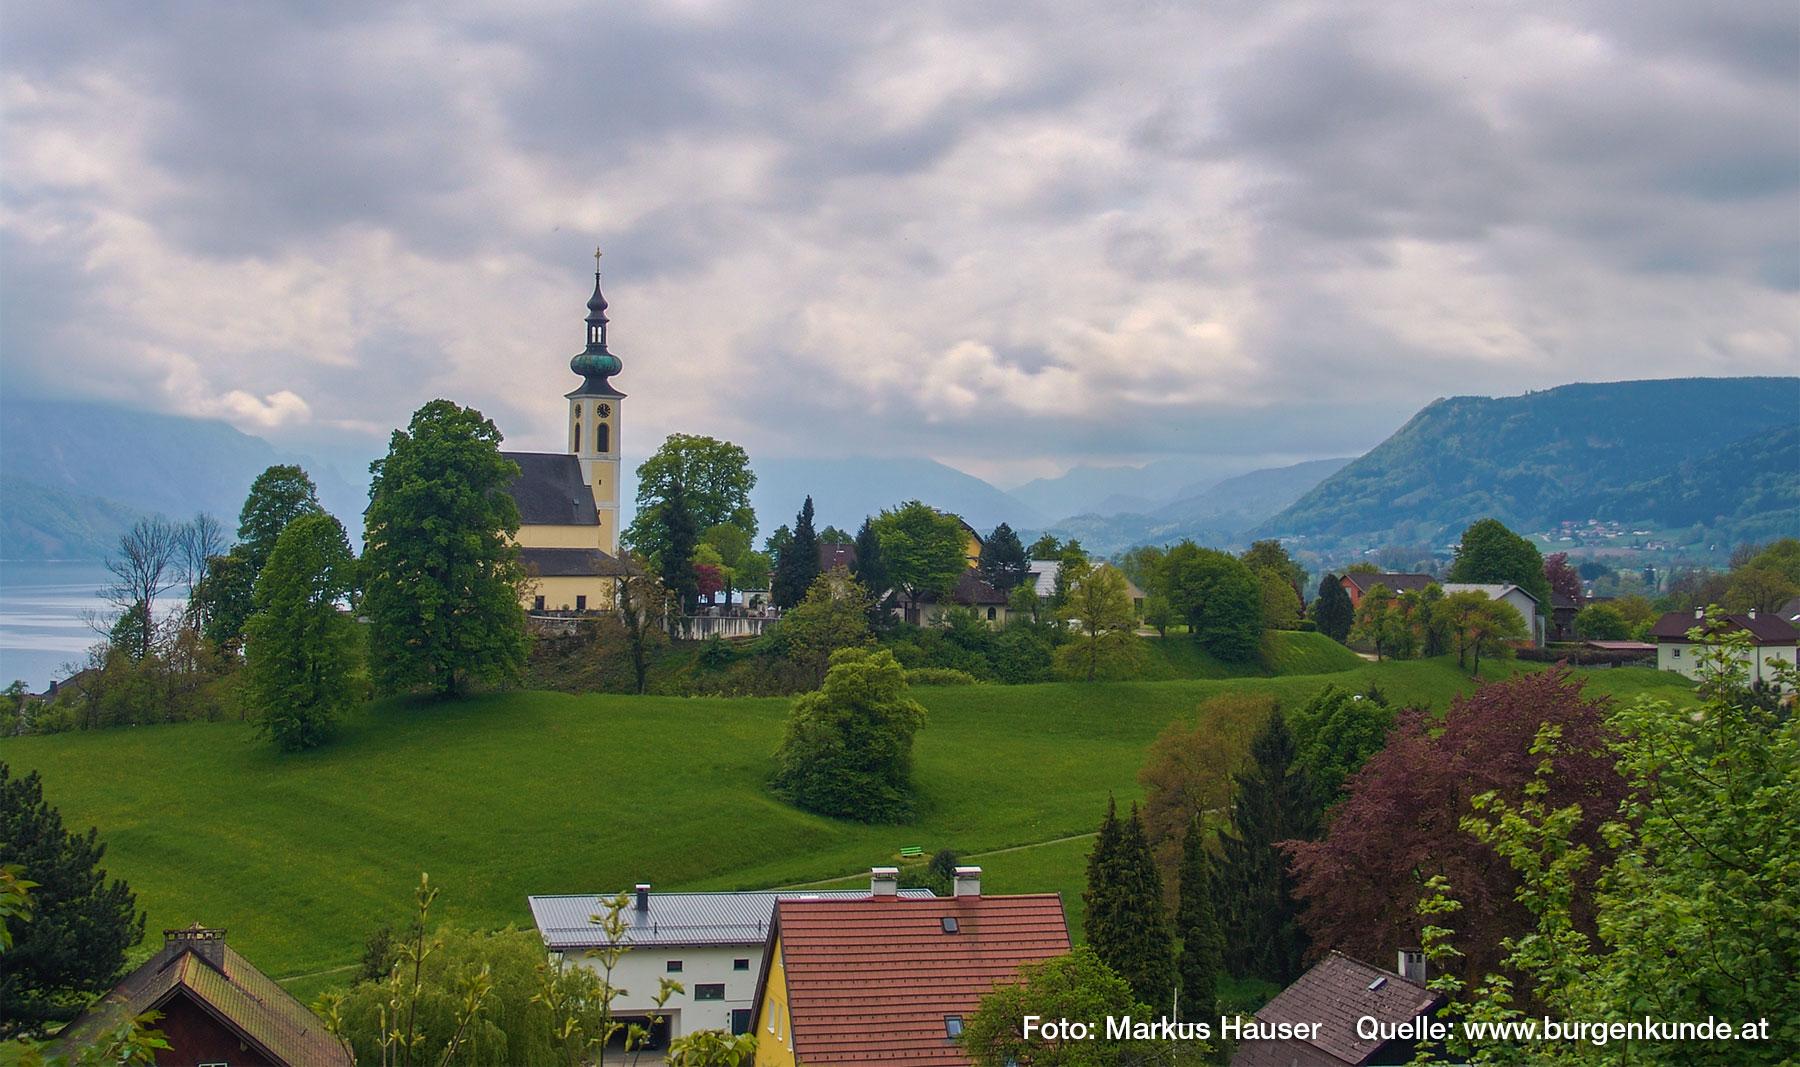 Der Kirchberg in Attersee, hier wird die karolingische Pfalz, der Königshof Atarhova, vermutet. Blick vom Schlossberg aus in Richung Westen.